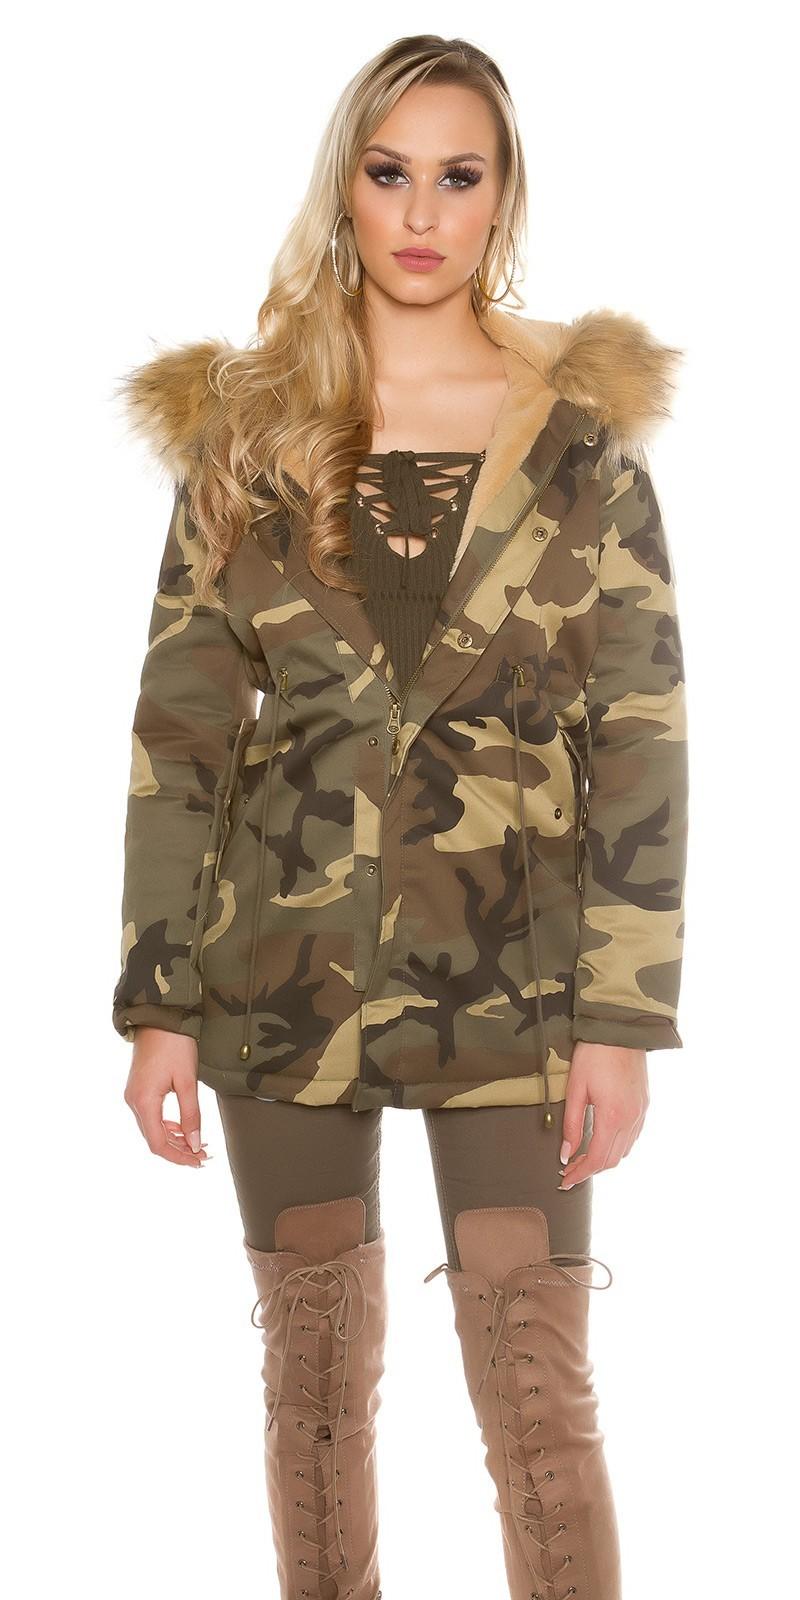 70d3dbc740bc Dámska maskáčová bunda s kožušinou Beige – Sissy Boutique